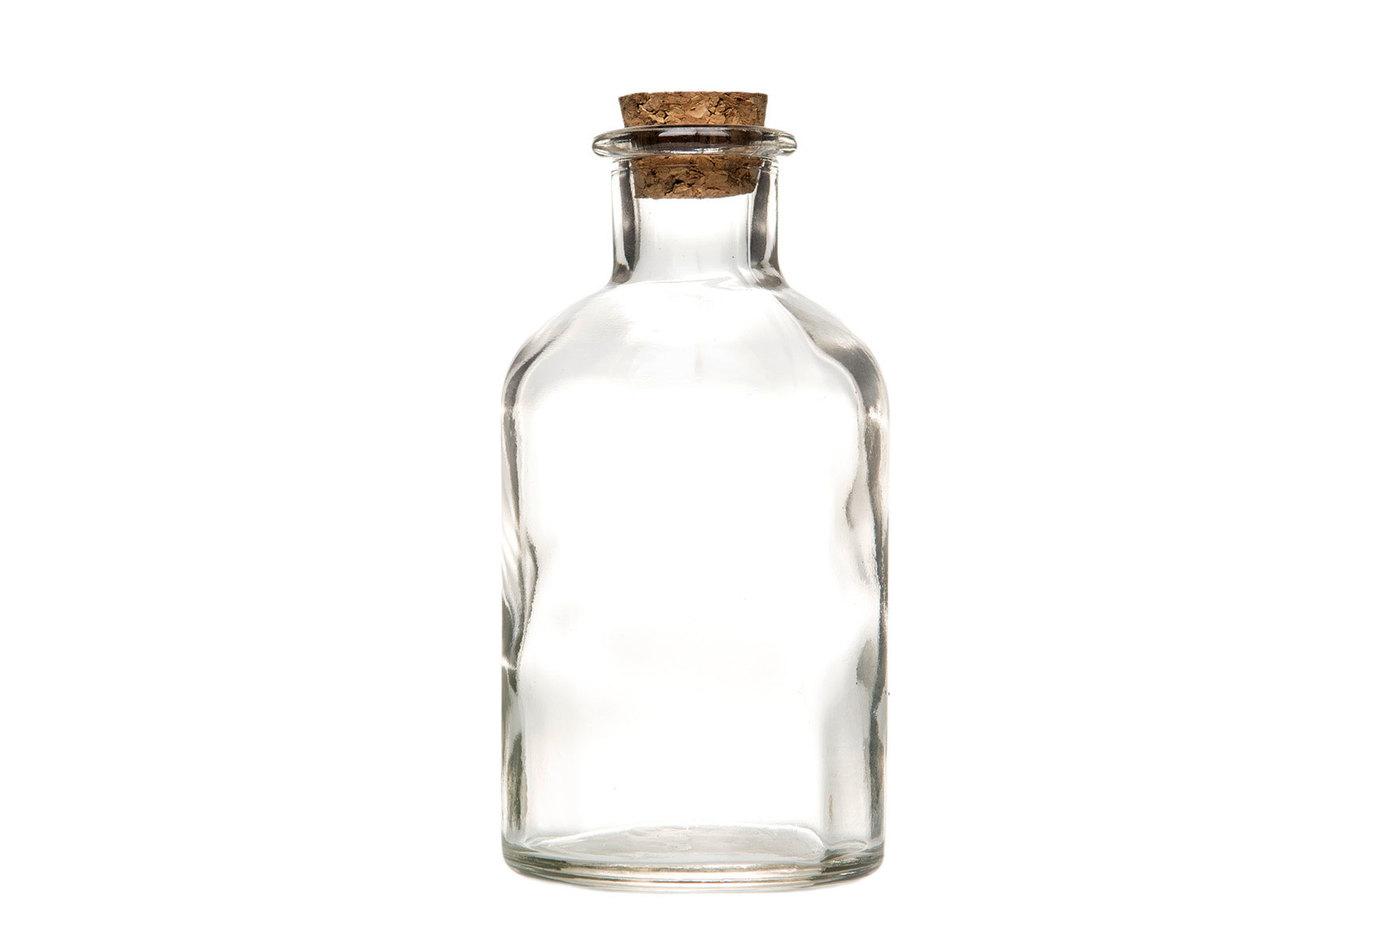 Flaske, glass med kork topp. 7,2x120cm